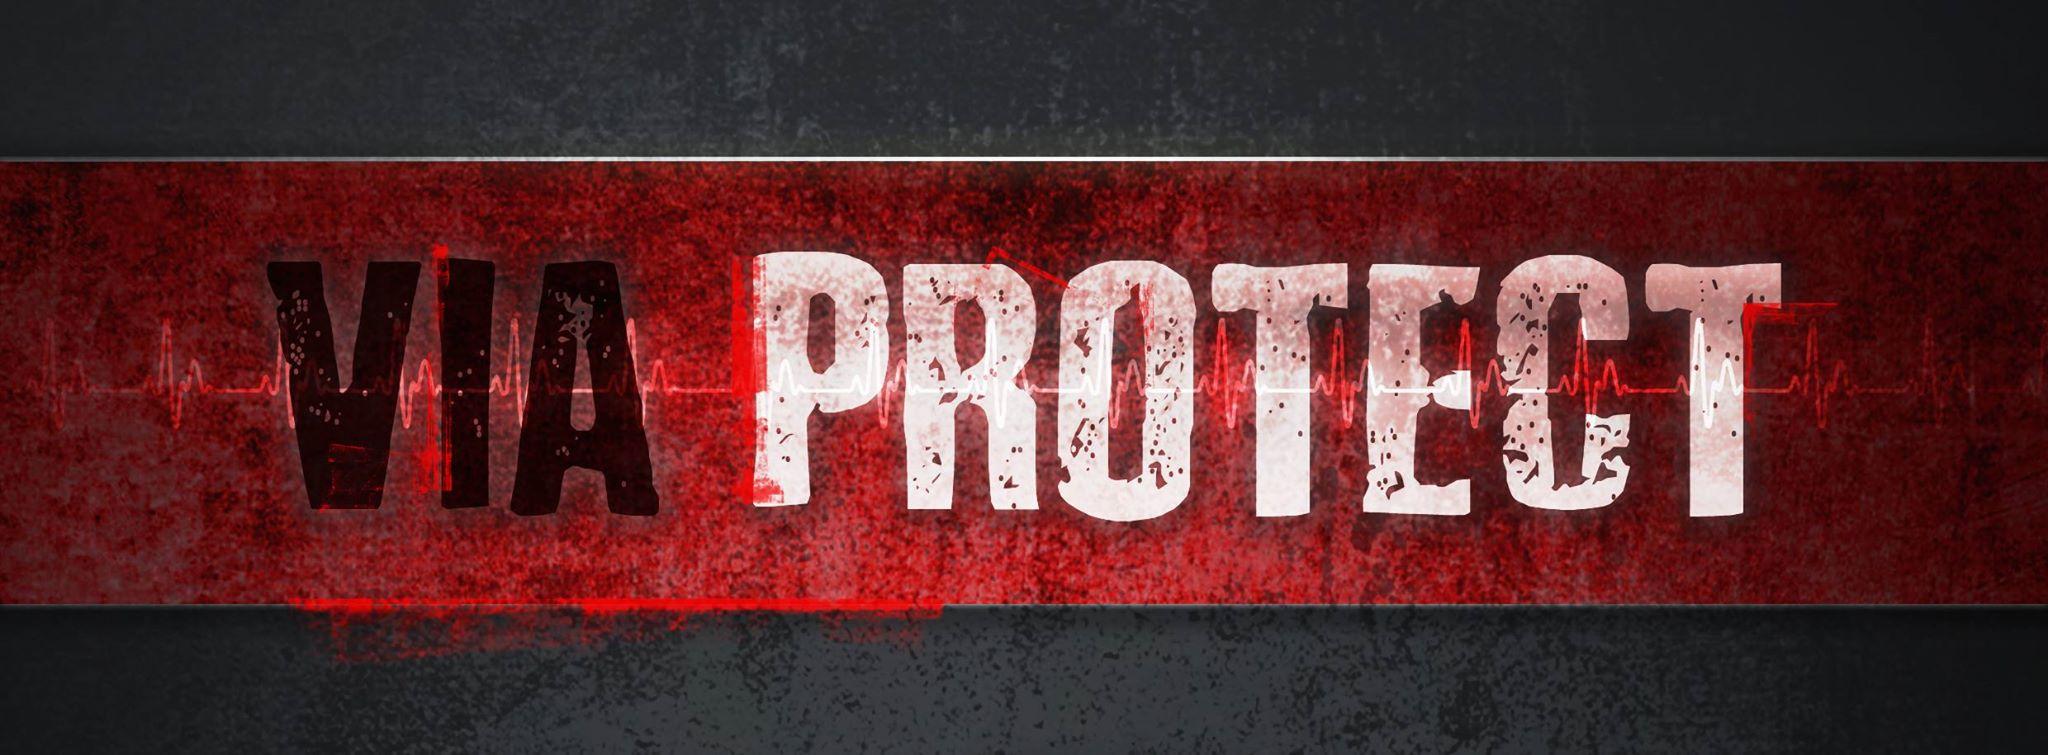 Via protect